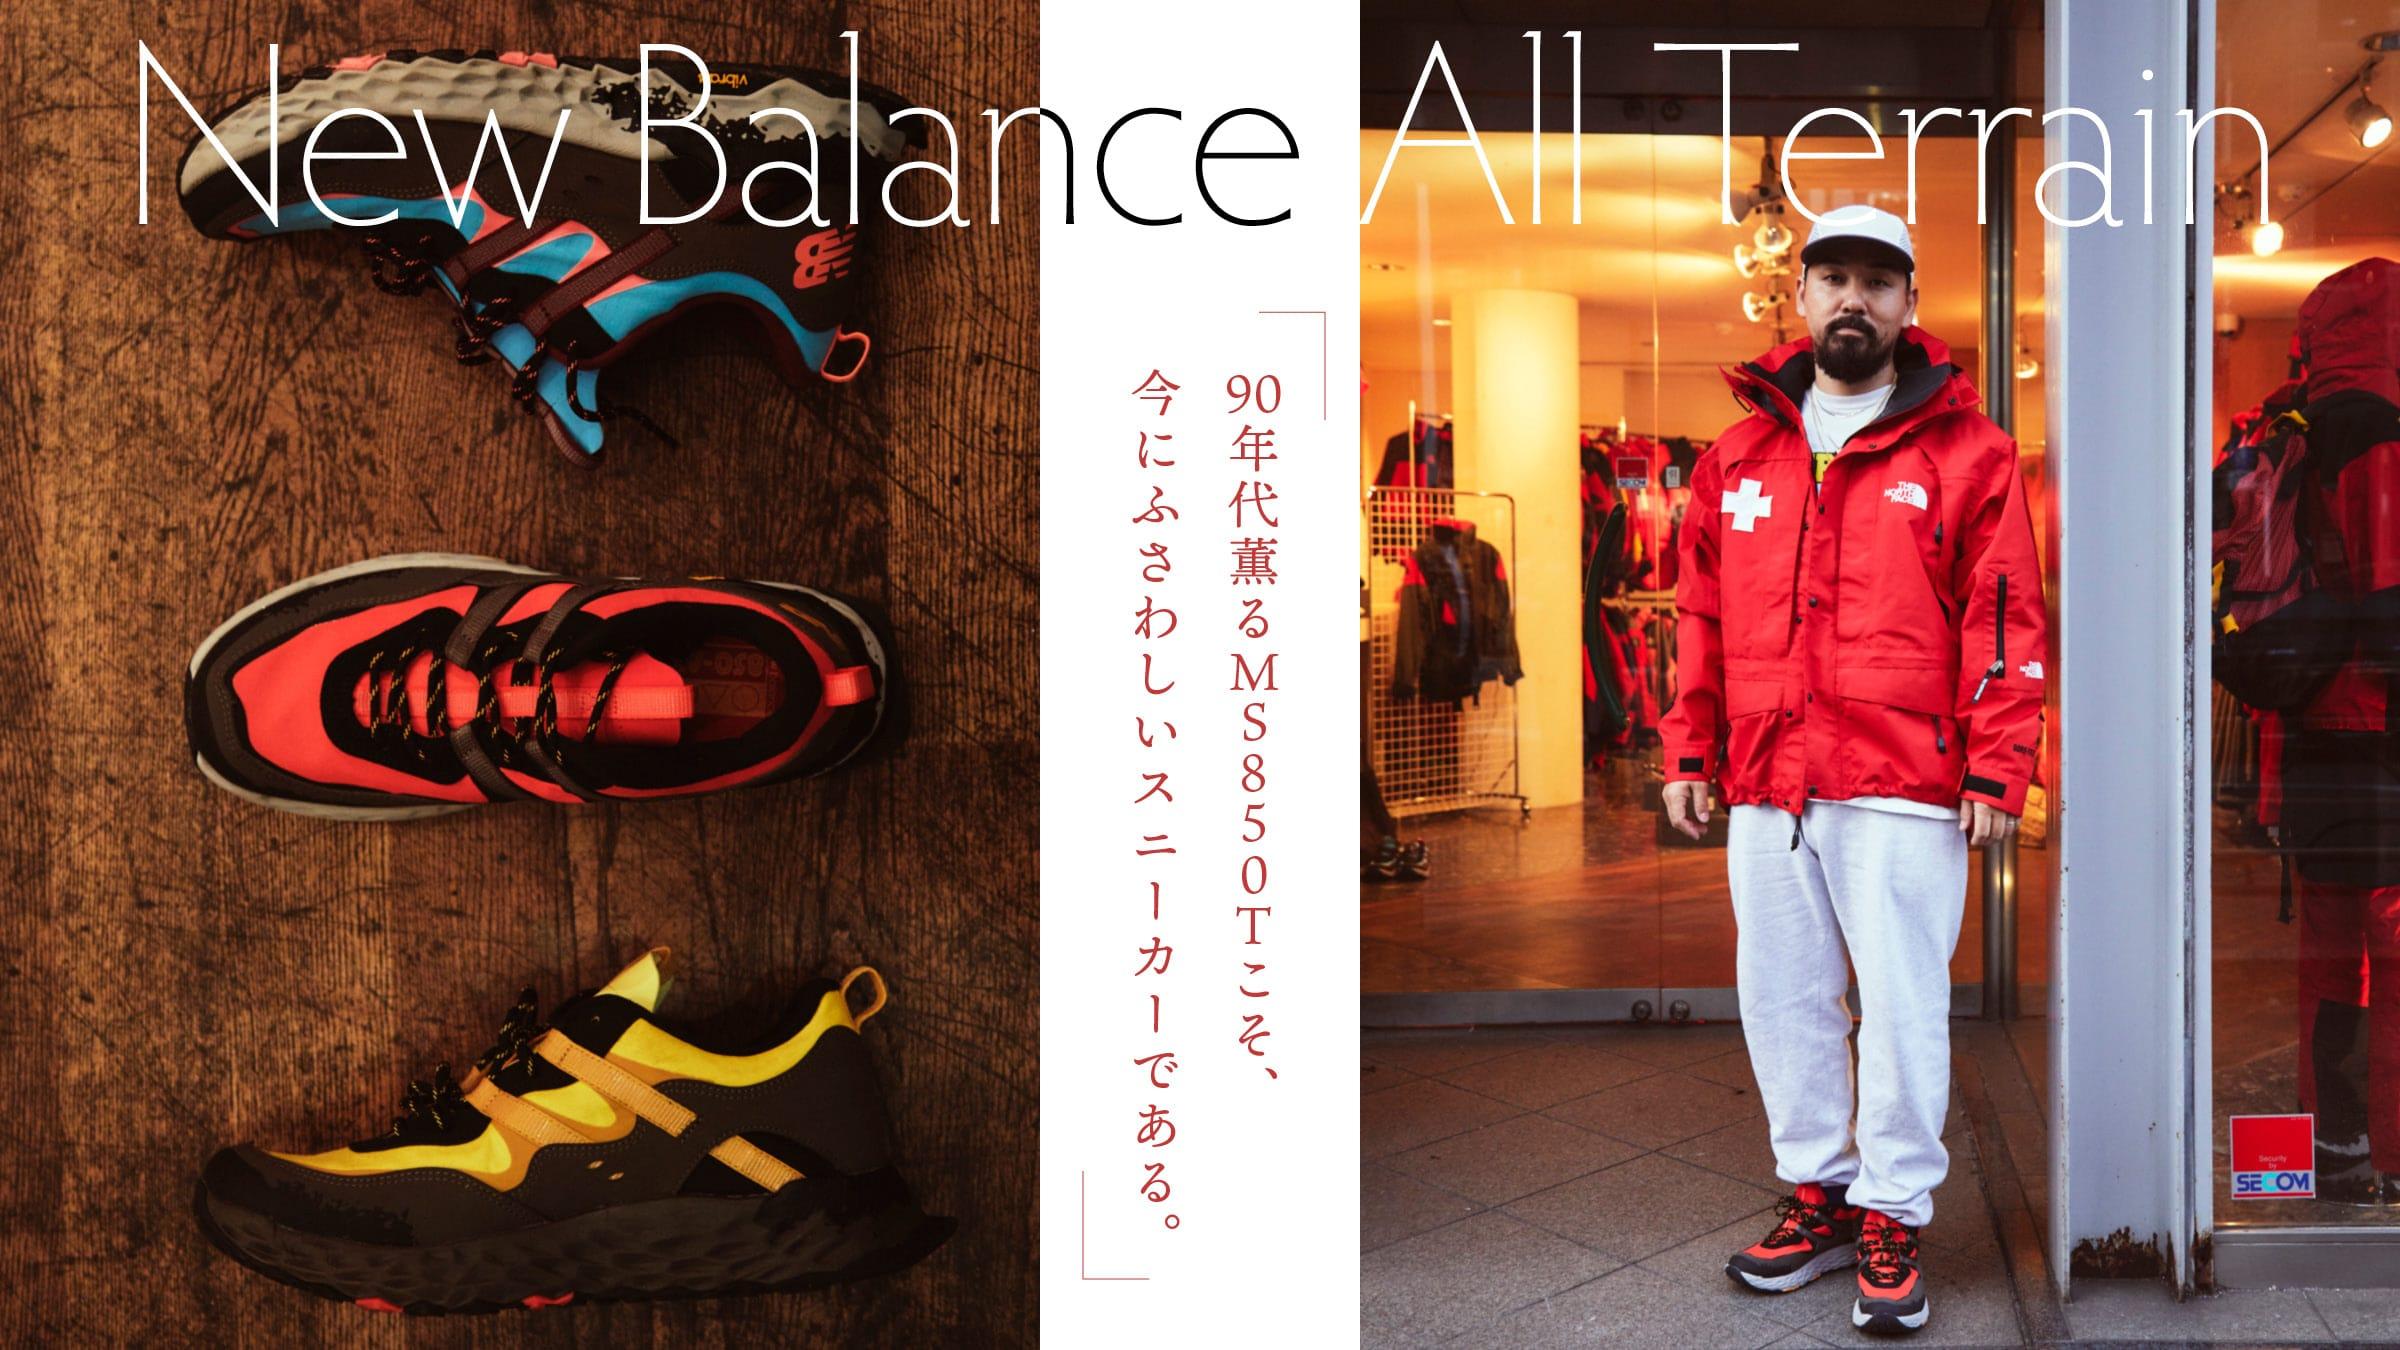 New Balance All Terrain<br>90年代薫るMS850Tこそ、今にふさわしいスニーカーである。